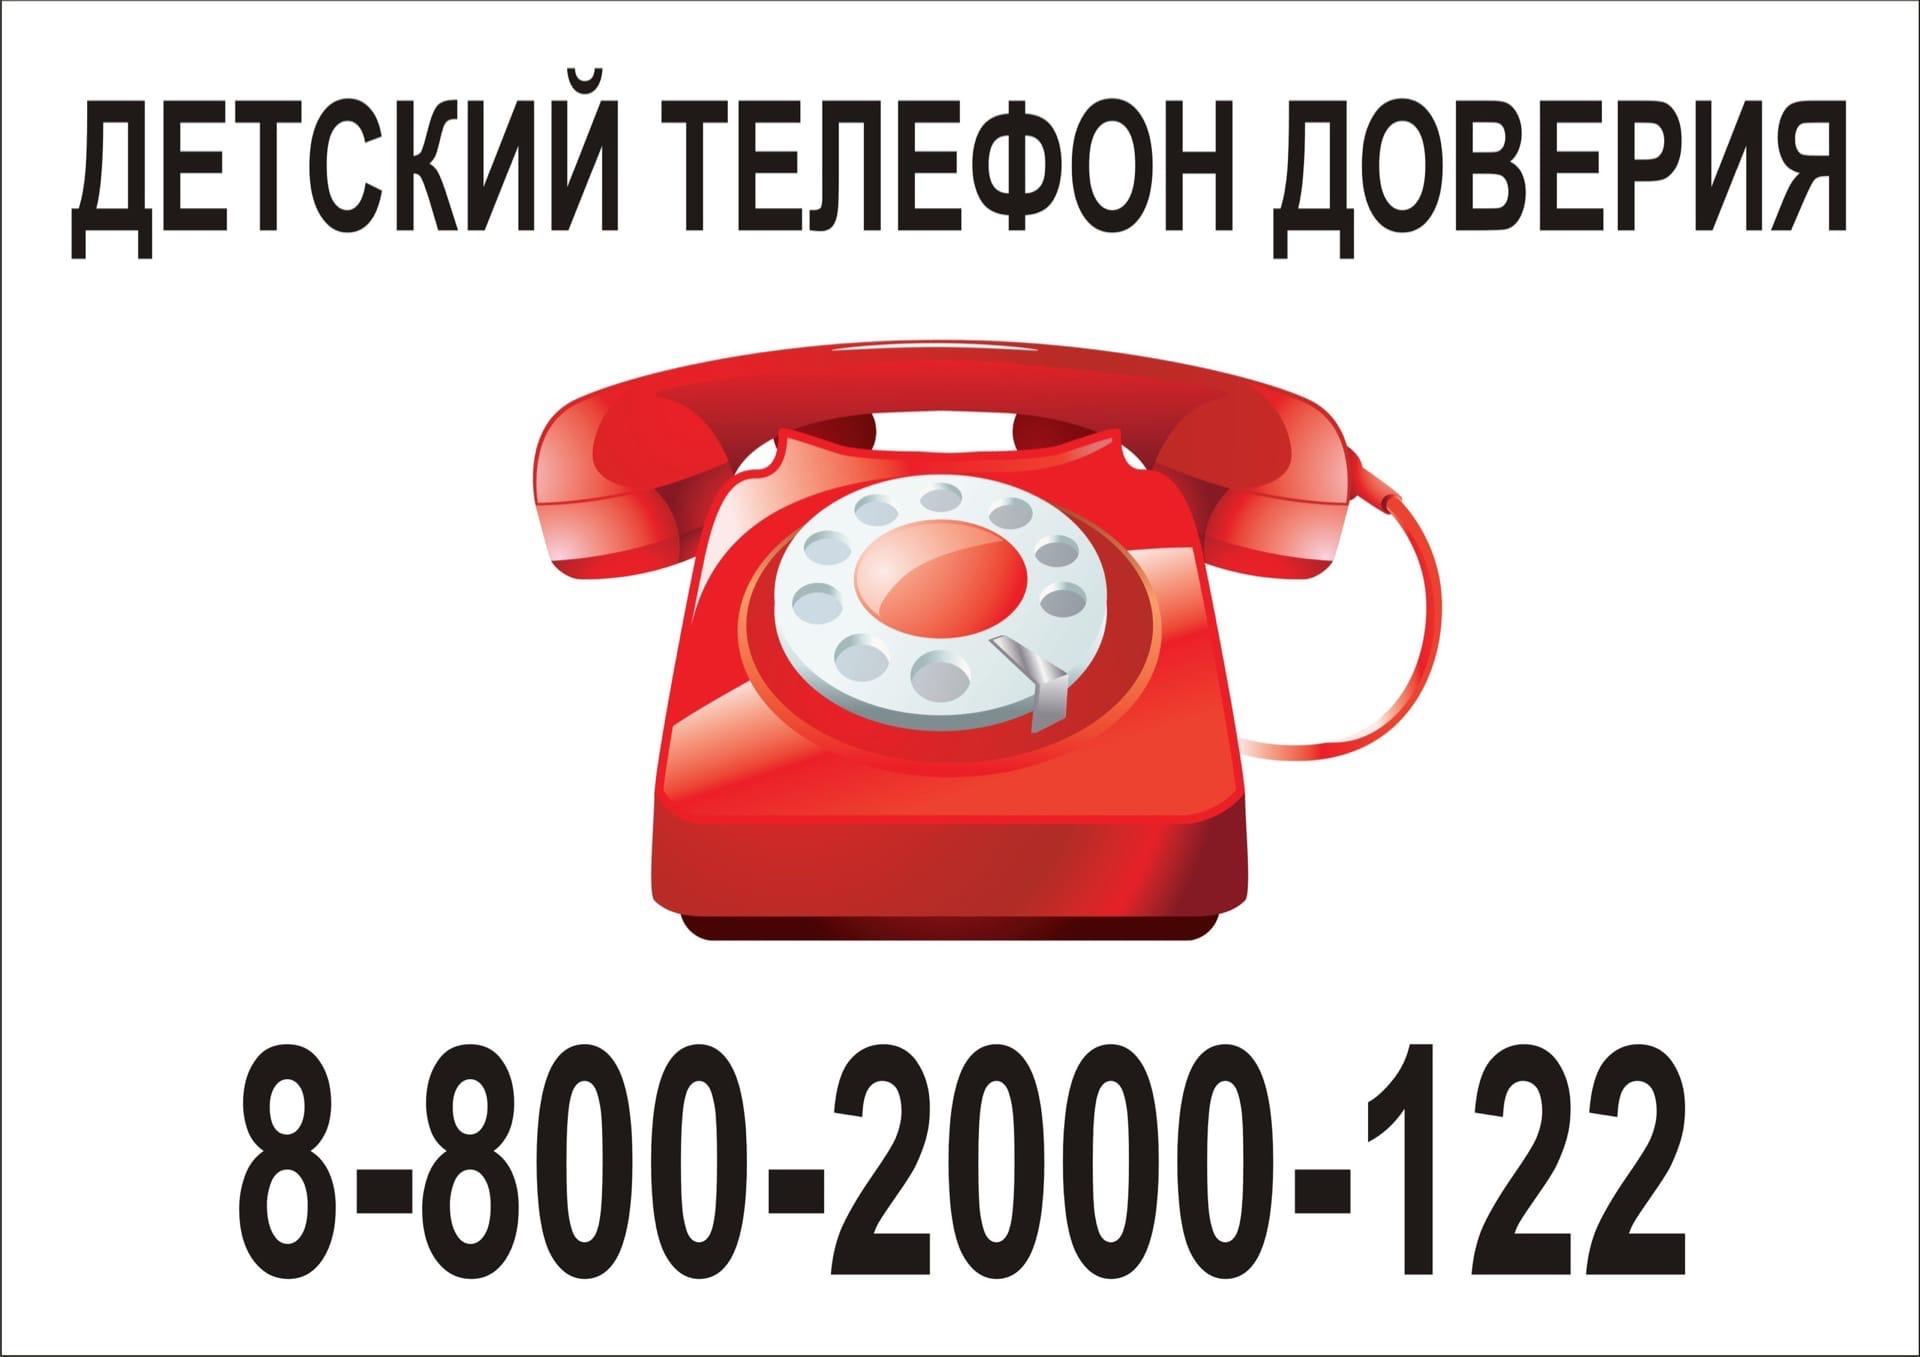 В службе телефона доверия работают прошедшие специальную